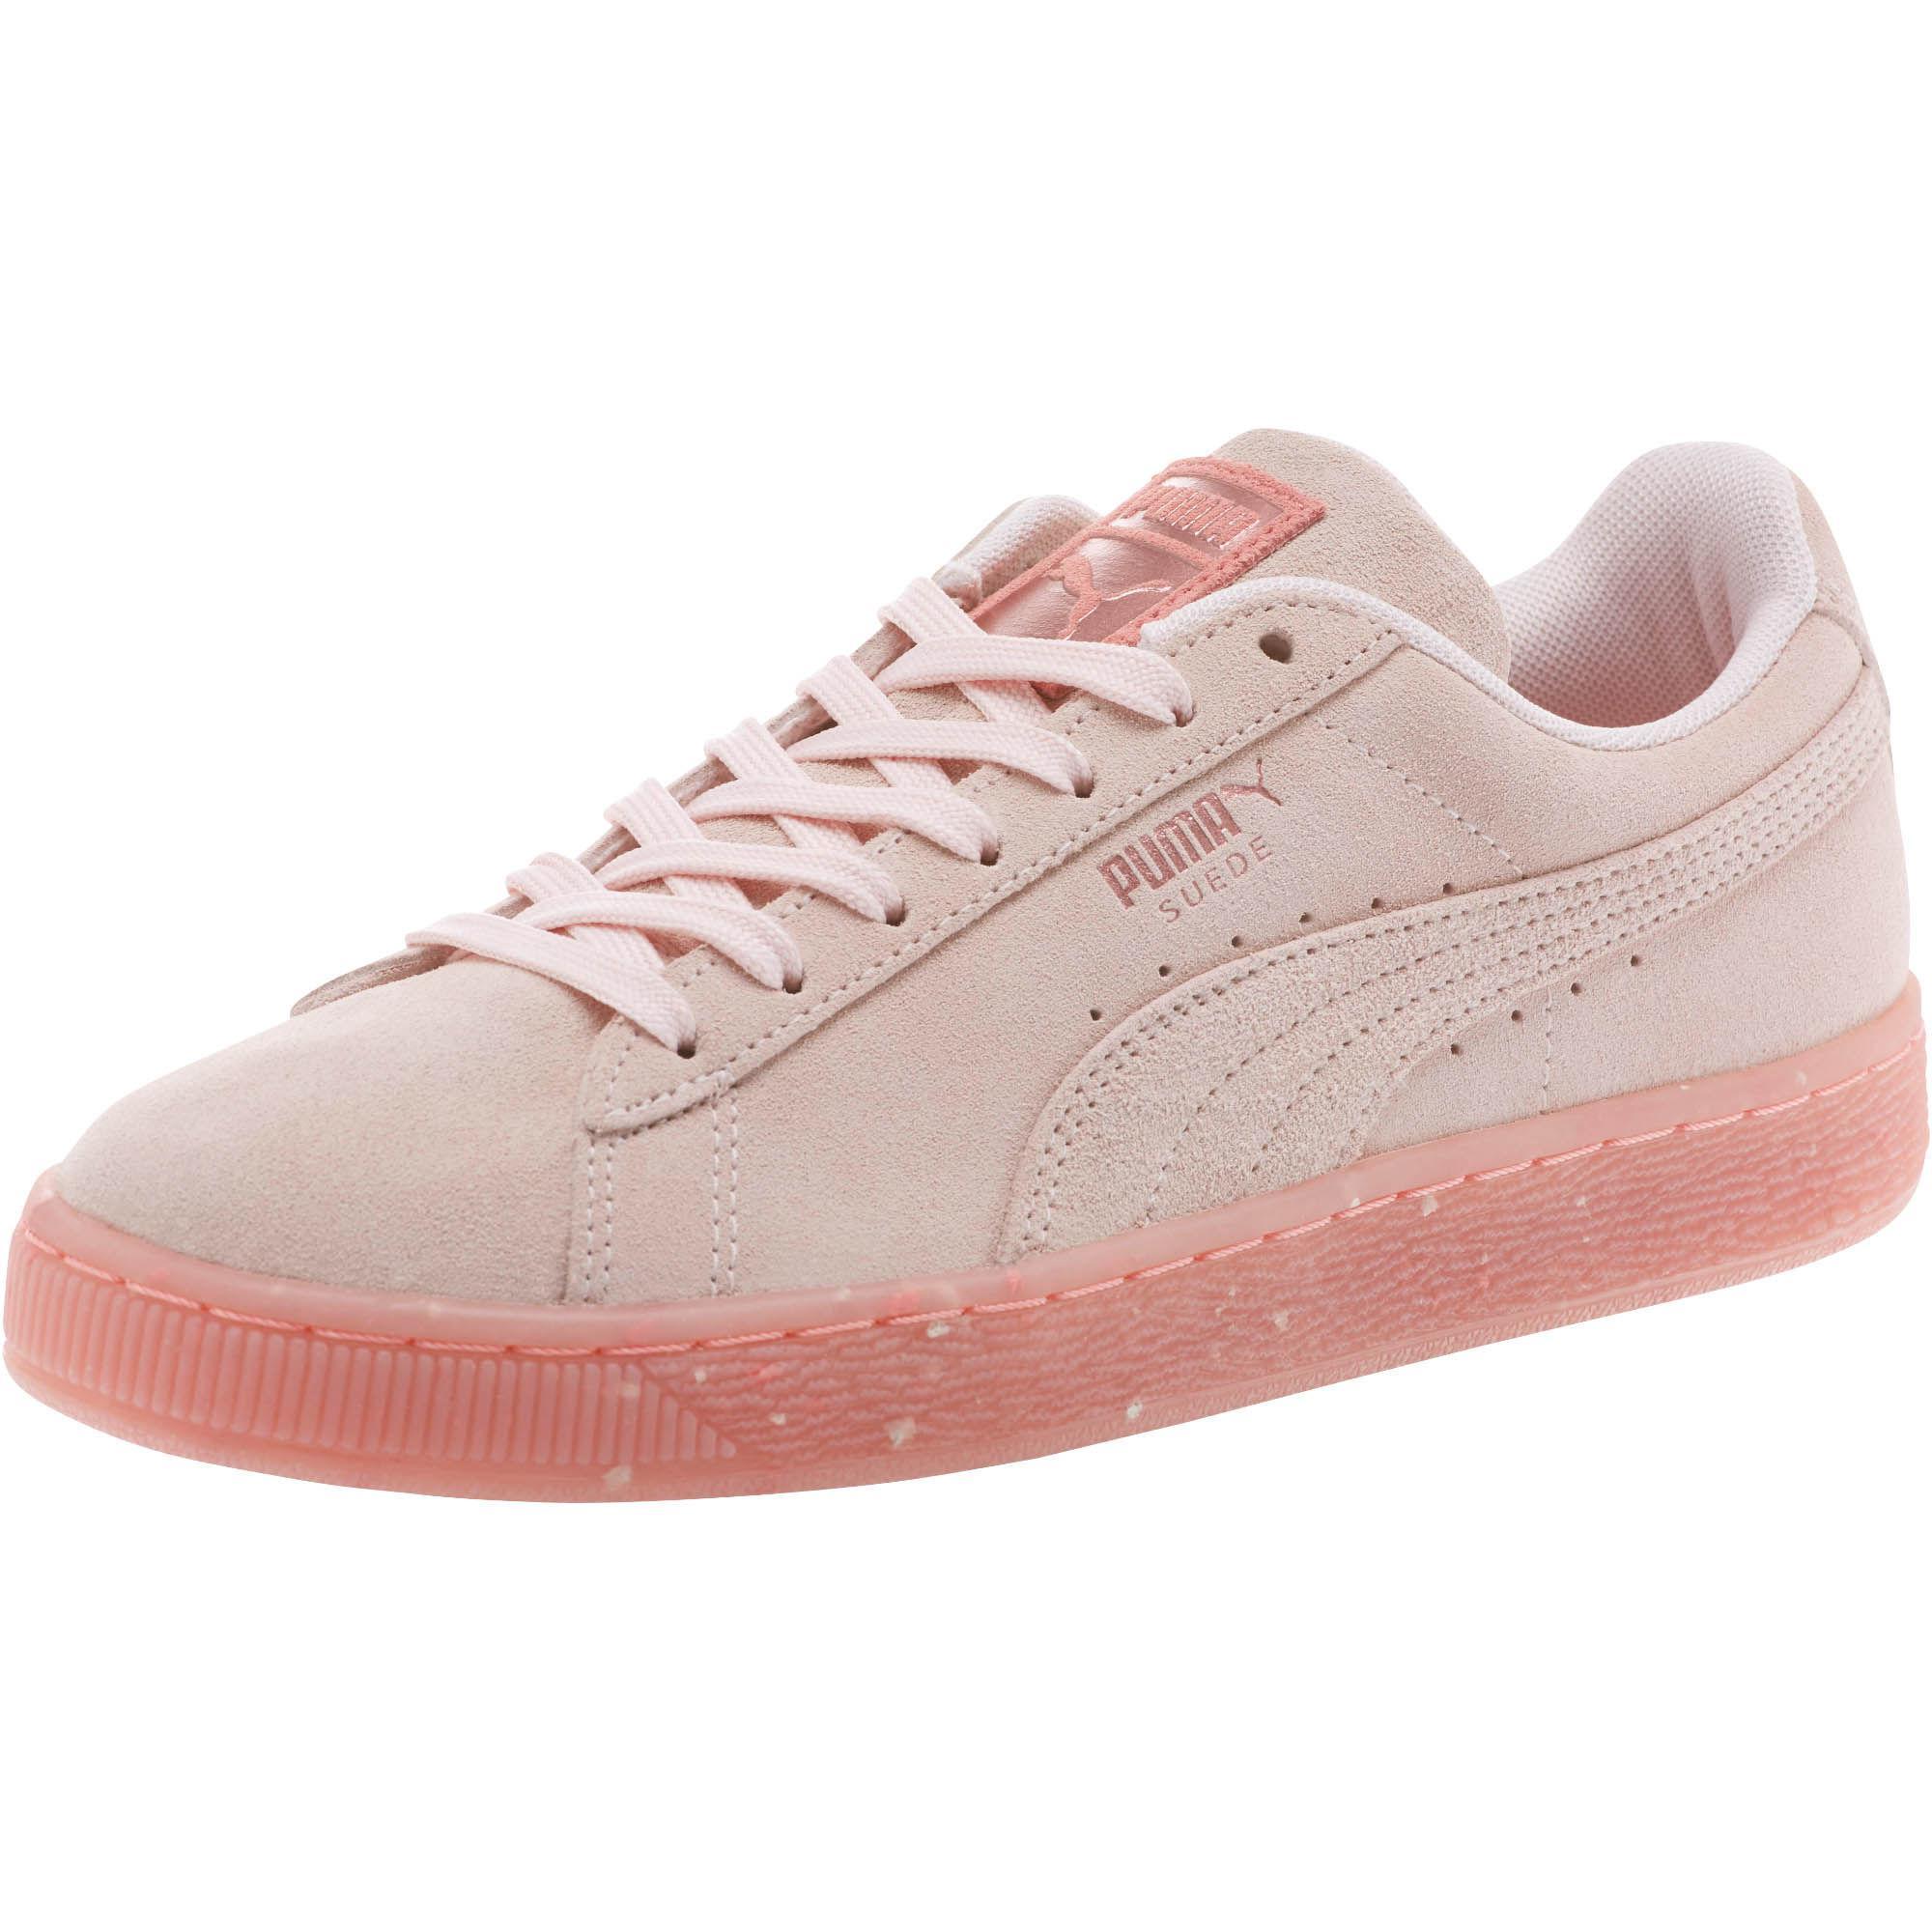 PUMA Suede Classic Glitz 's Sneakers in